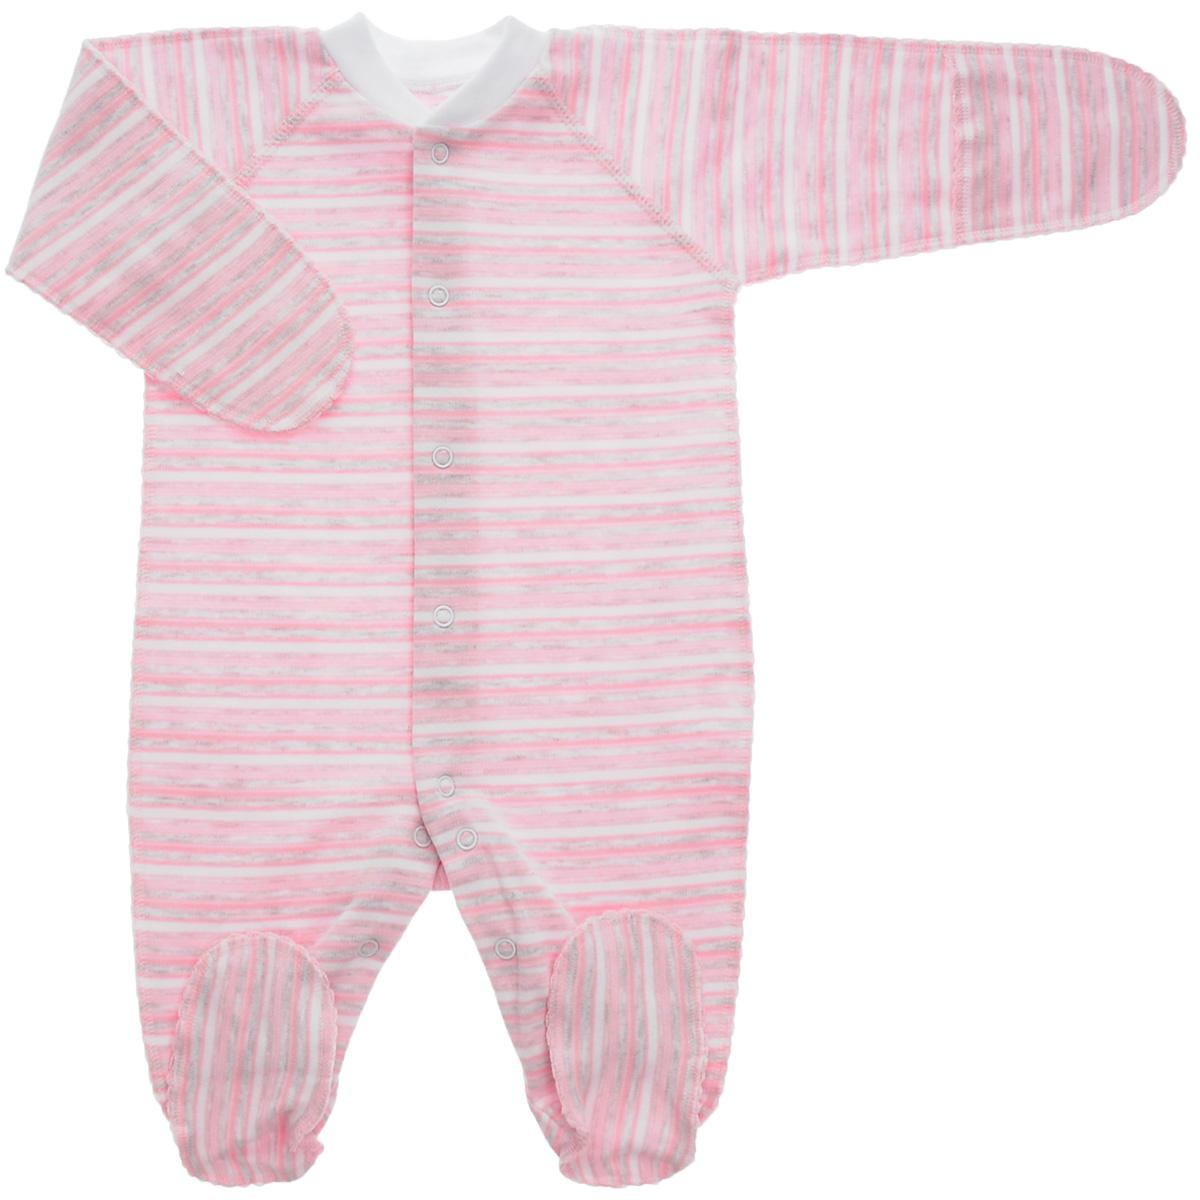 Комбинезон детский Фреш стайл, цвет: розовый, серый, белый. 39-523. Размер 18, 50 см, 0-1 месяц39-523Комбинезон Фреш Стайл станет идеальным дополнением к гардеробу вашего ребенка. Выполненный из натурального хлопка, он необычайно мягкий и приятный на ощупь, не раздражают нежную кожу ребенка и хорошо вентилируется. Комбинезон с длинными рукавами, закрытыми ножками и воротником-стойкой застегиваются спереди на кнопки по всей длине и на ластовице, что облегчает переодевание ребенка и смену подгузника. Горловина дополнена эластичной резинкой. Благодаря рукавичкам ребенок не поцарапает себя.Оригинальное сочетание тканей и забавный рисунок делают этот предмет детской одежды оригинальным и стильным.